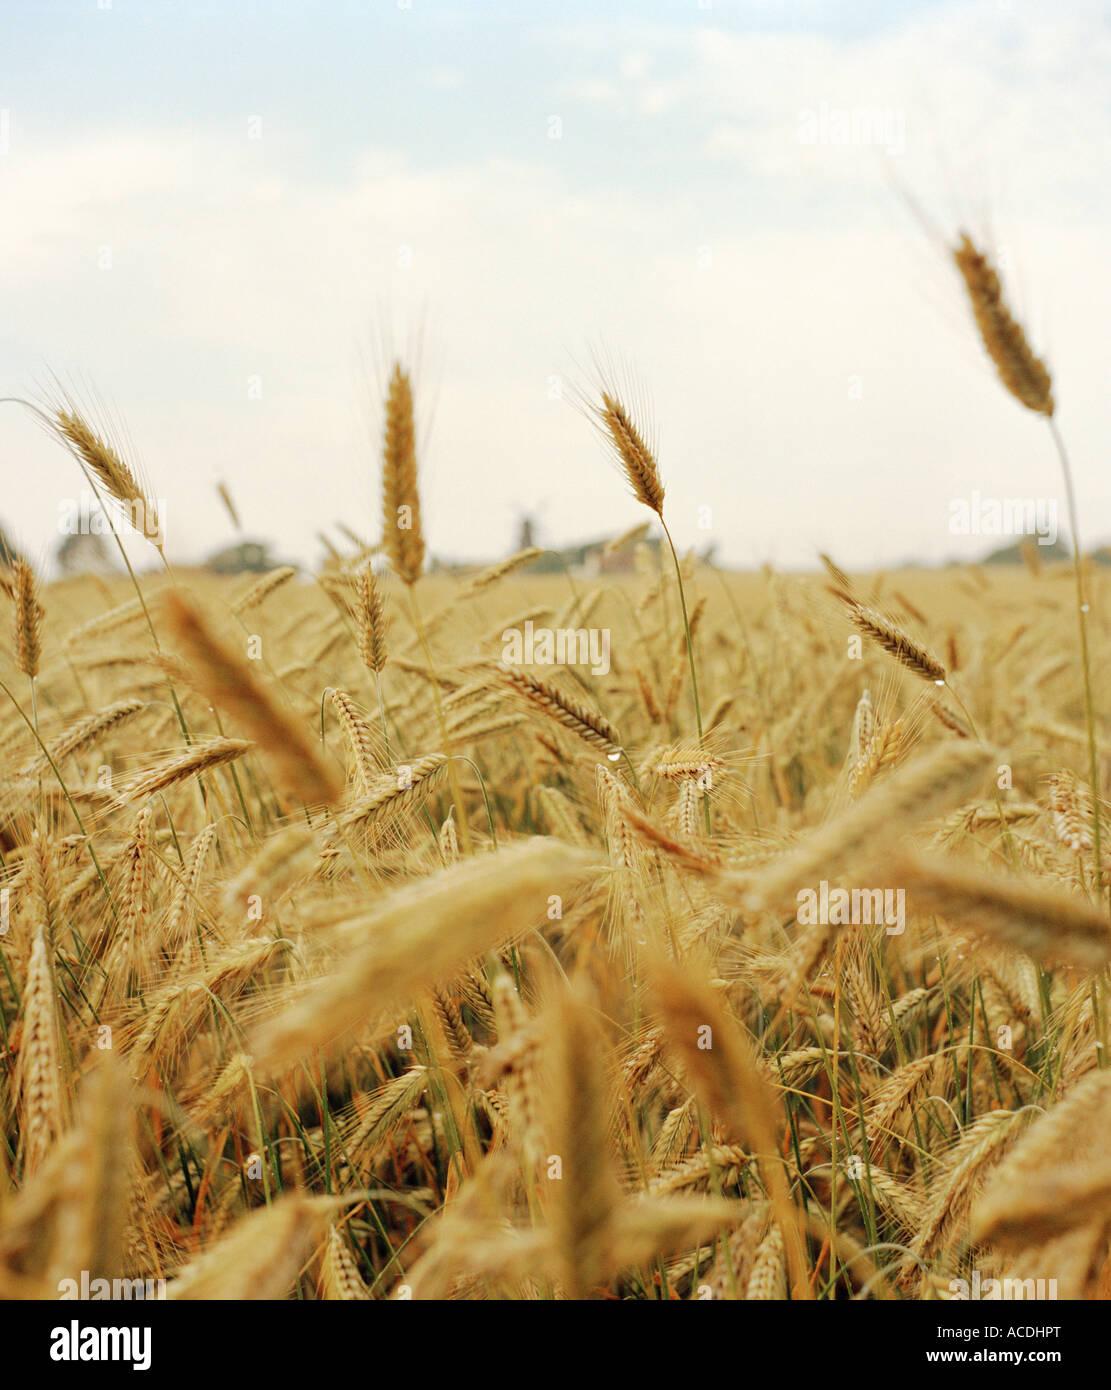 Un campo de trigo. Imagen De Stock